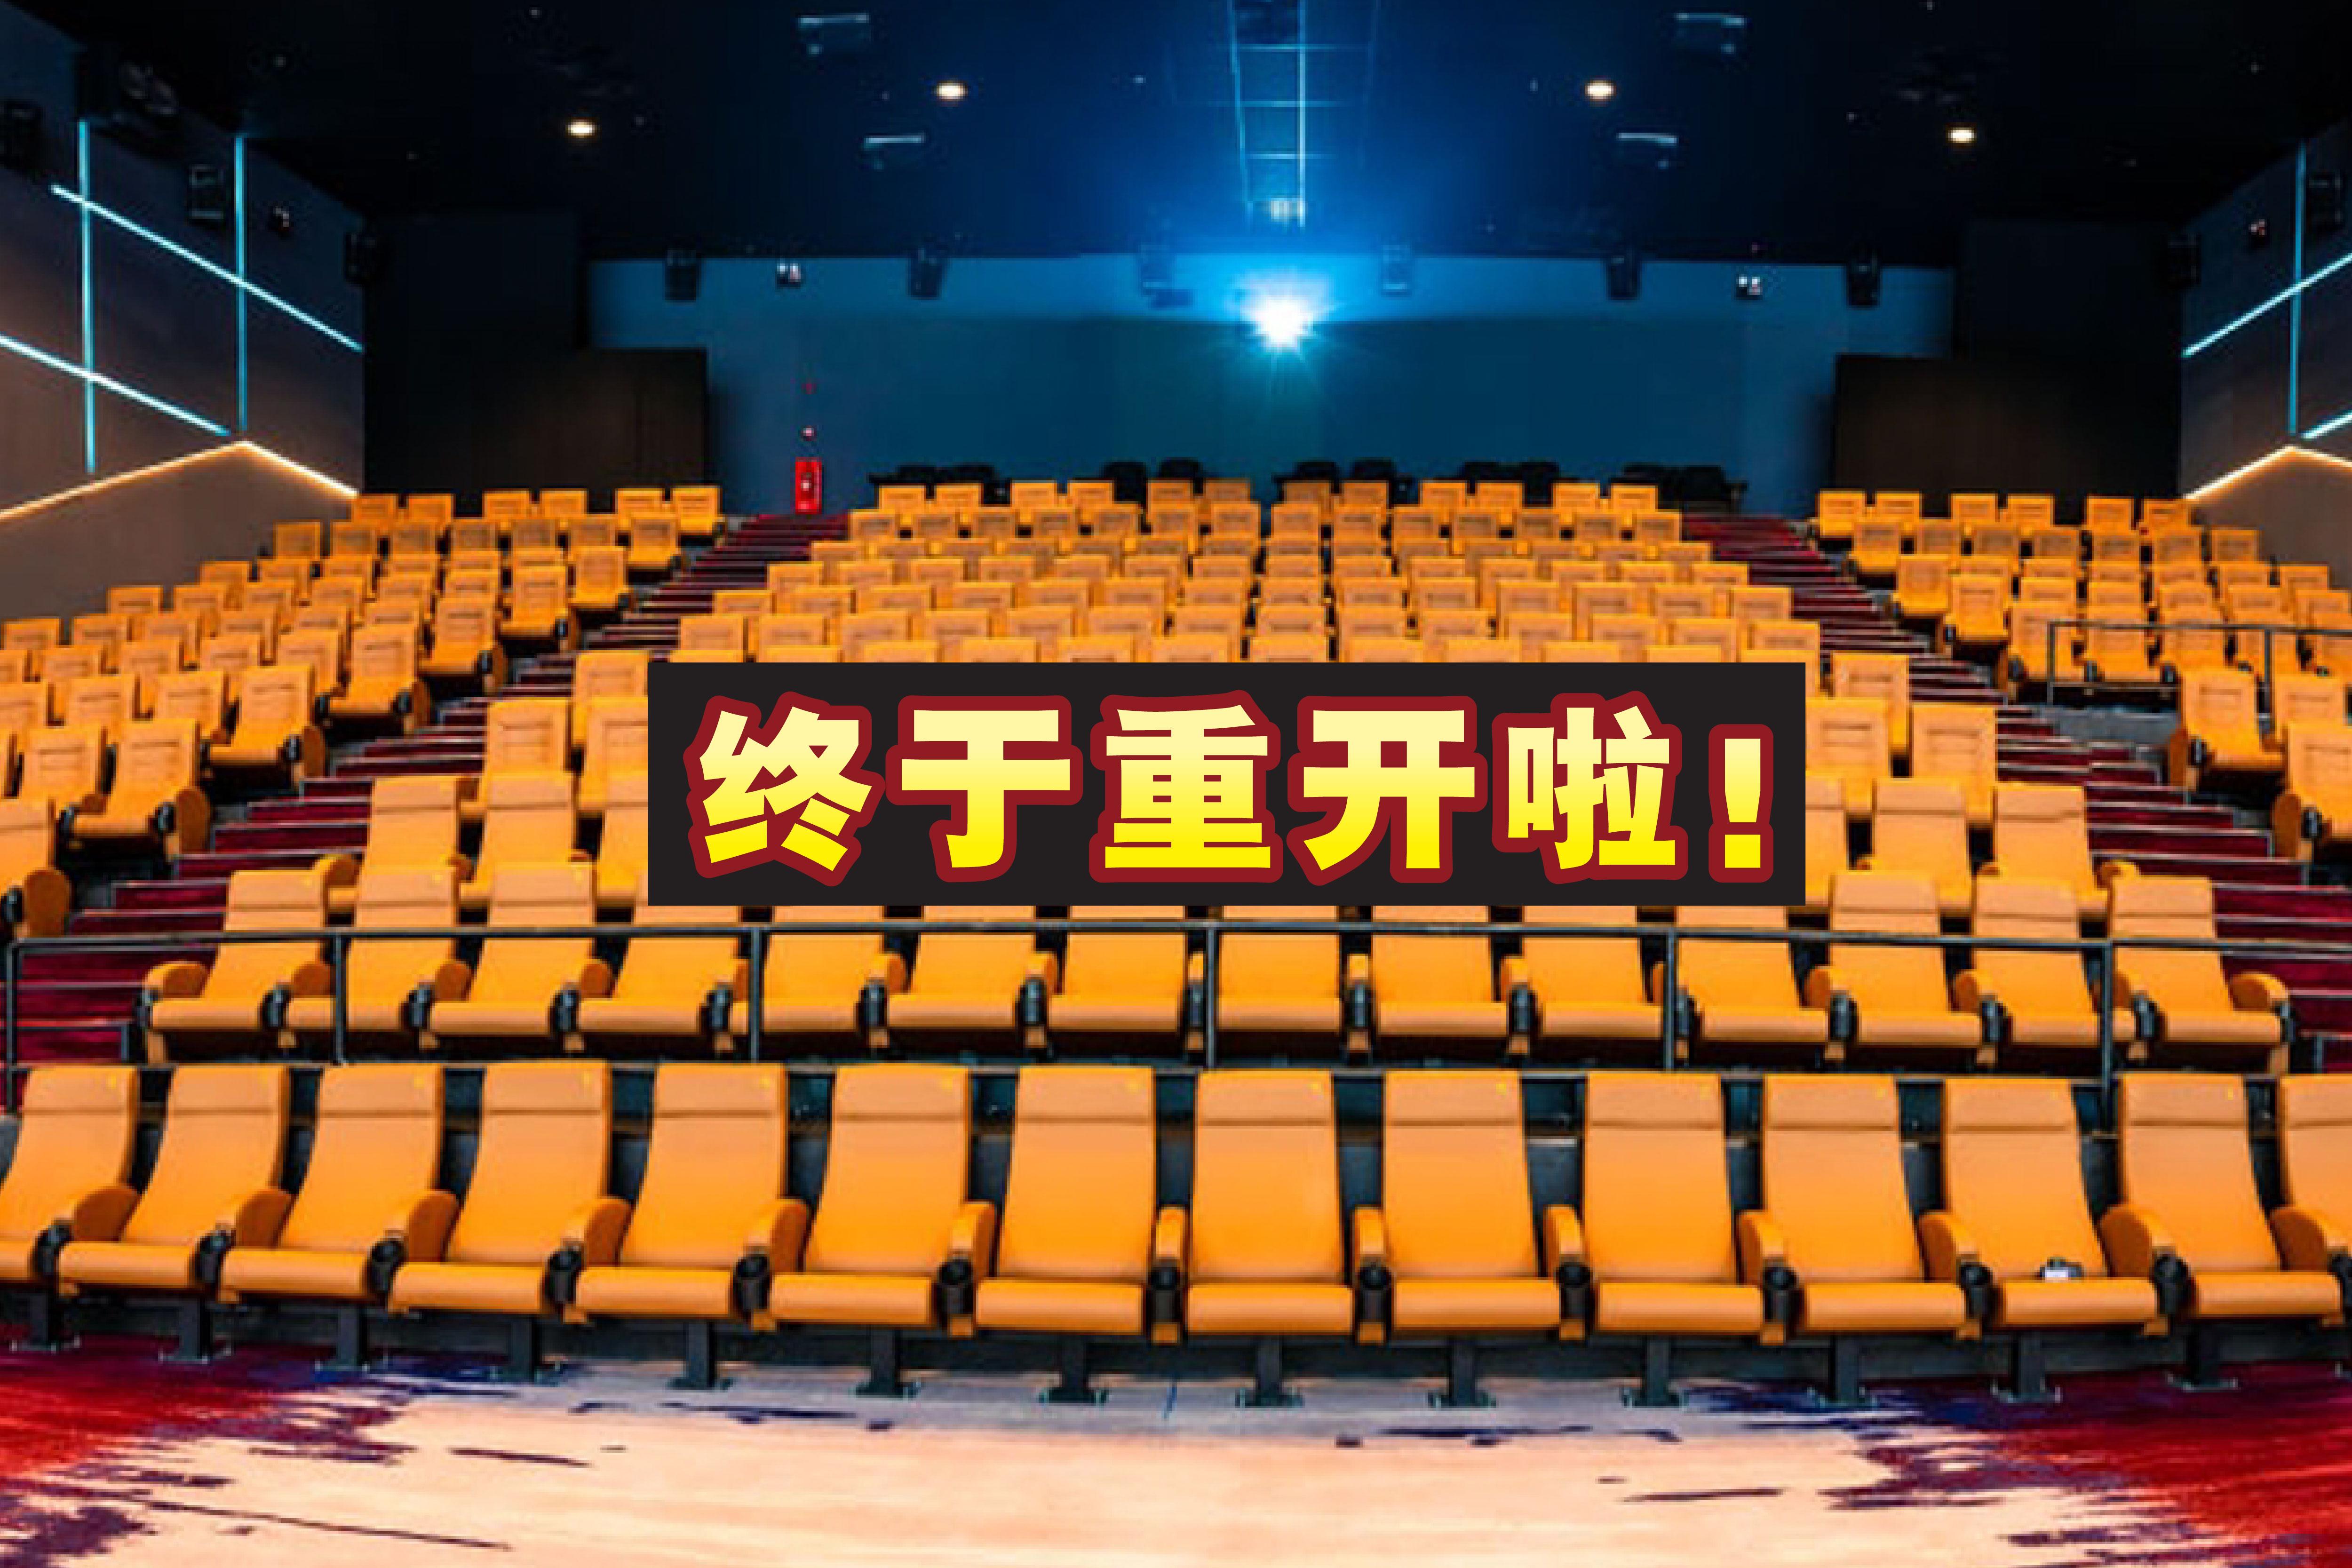 ,GSC和TGV等电影院业者纷纷在脸书上发文表示,将会于5日重新营业。-图取自SoyaCincau,精彩大马制图-